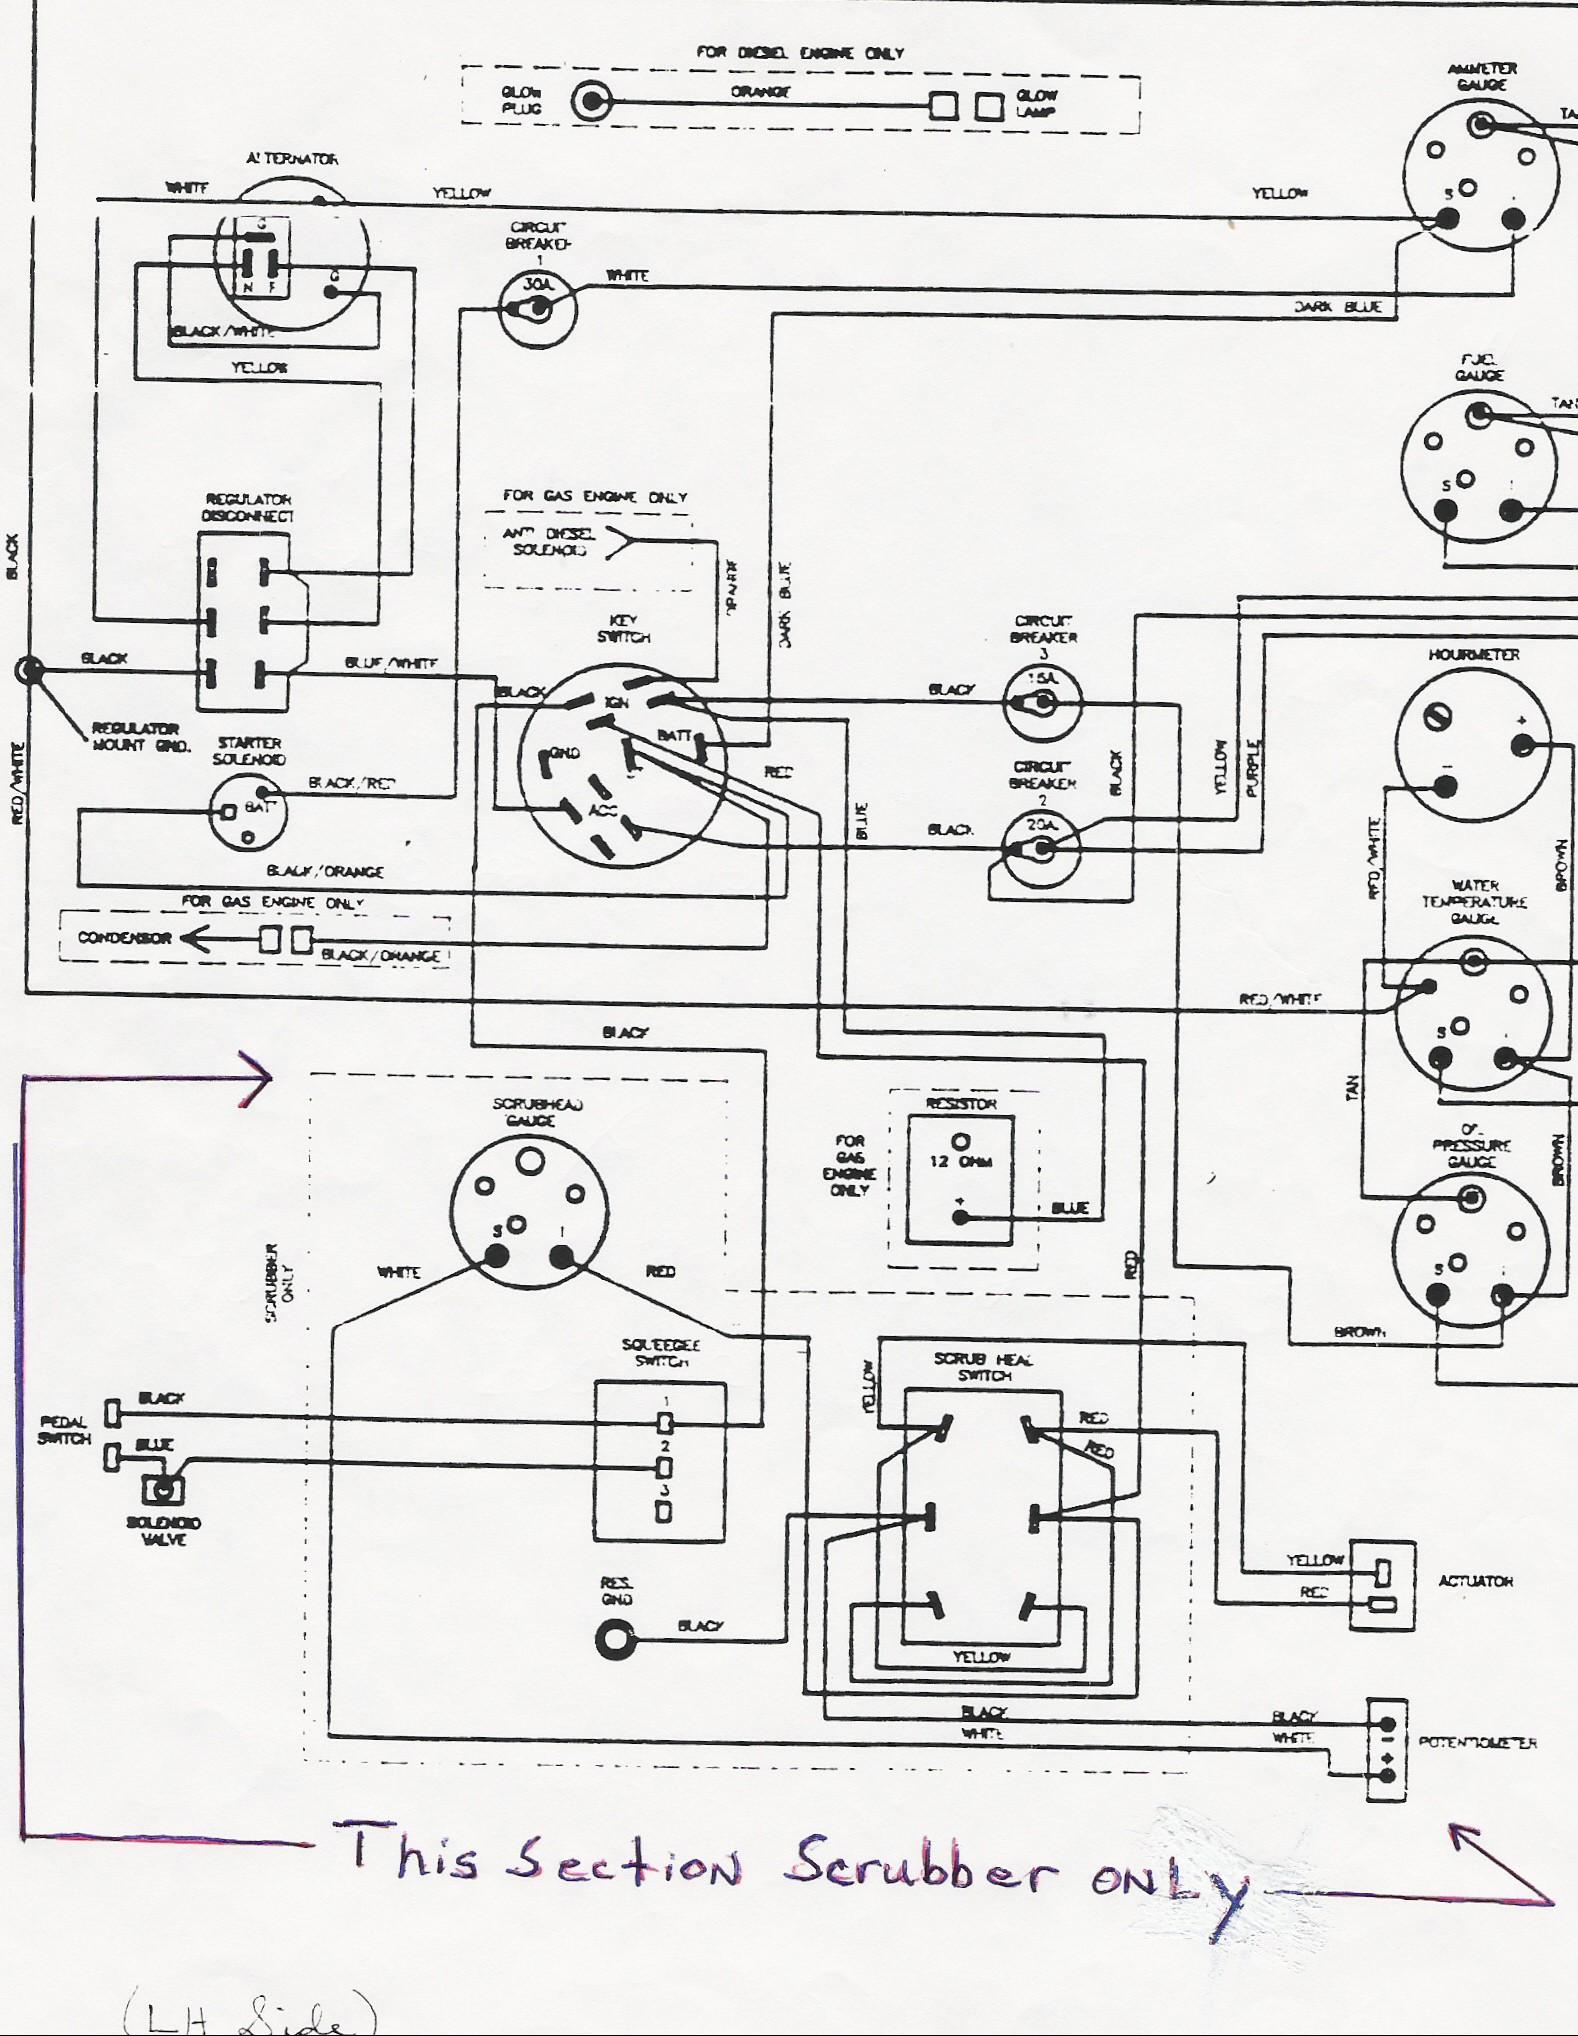 onan 6.5 genset wiring diagram